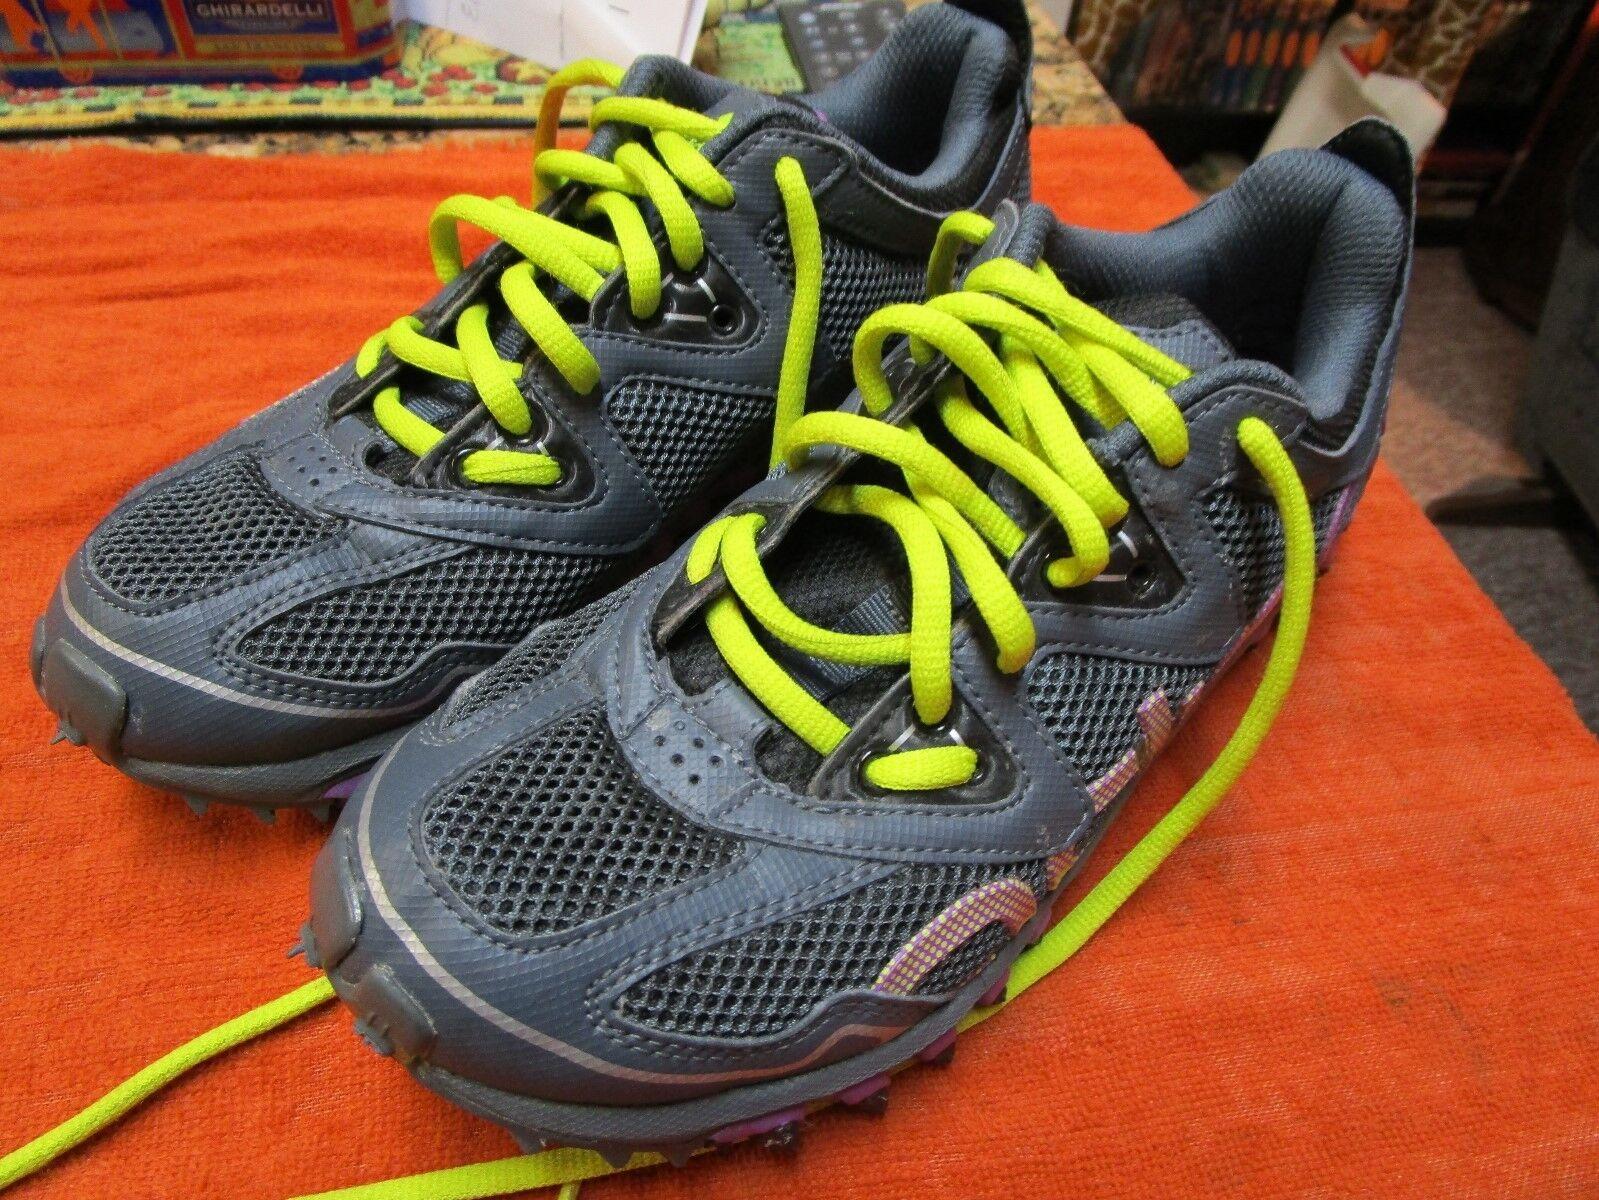 Le scarpe da ginnastica adidas misura 6,5   Conosciuto per per per la sua bellissima qualità    Uomini/Donne Scarpa  07c7bf